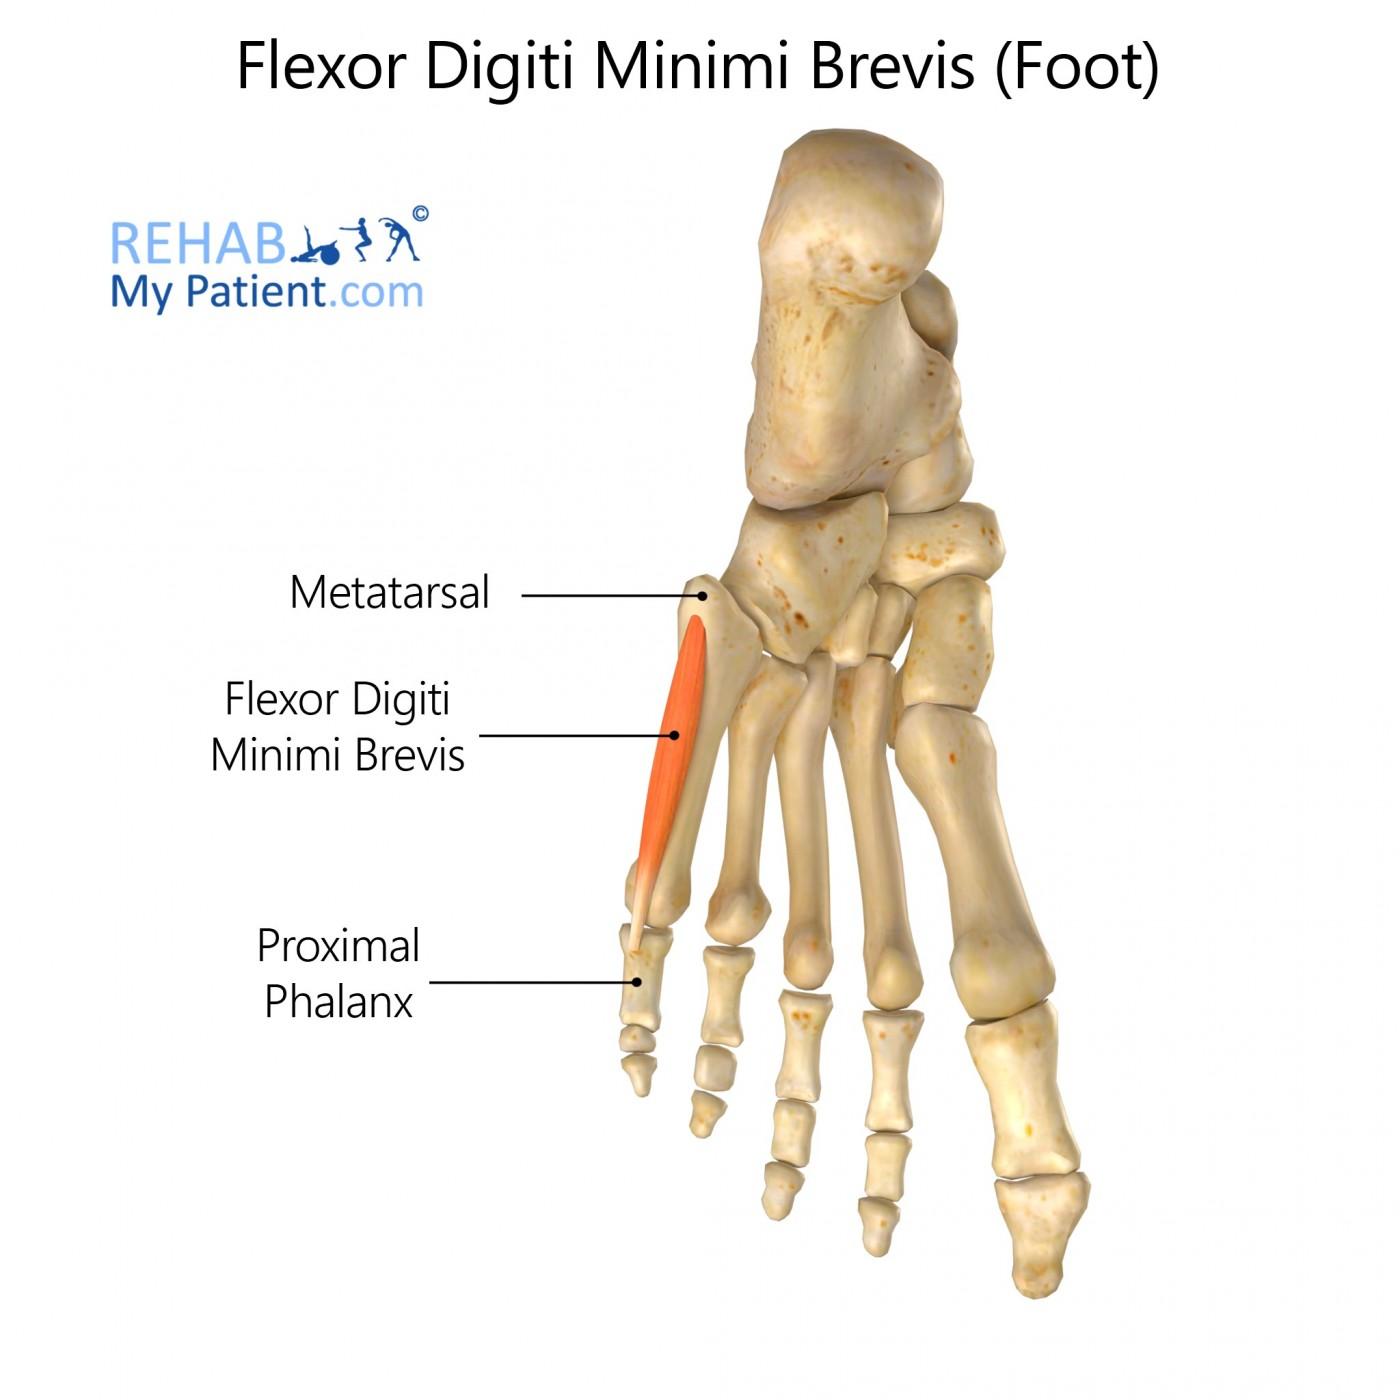 Flexor Digiti Minimi Brevis (foot)